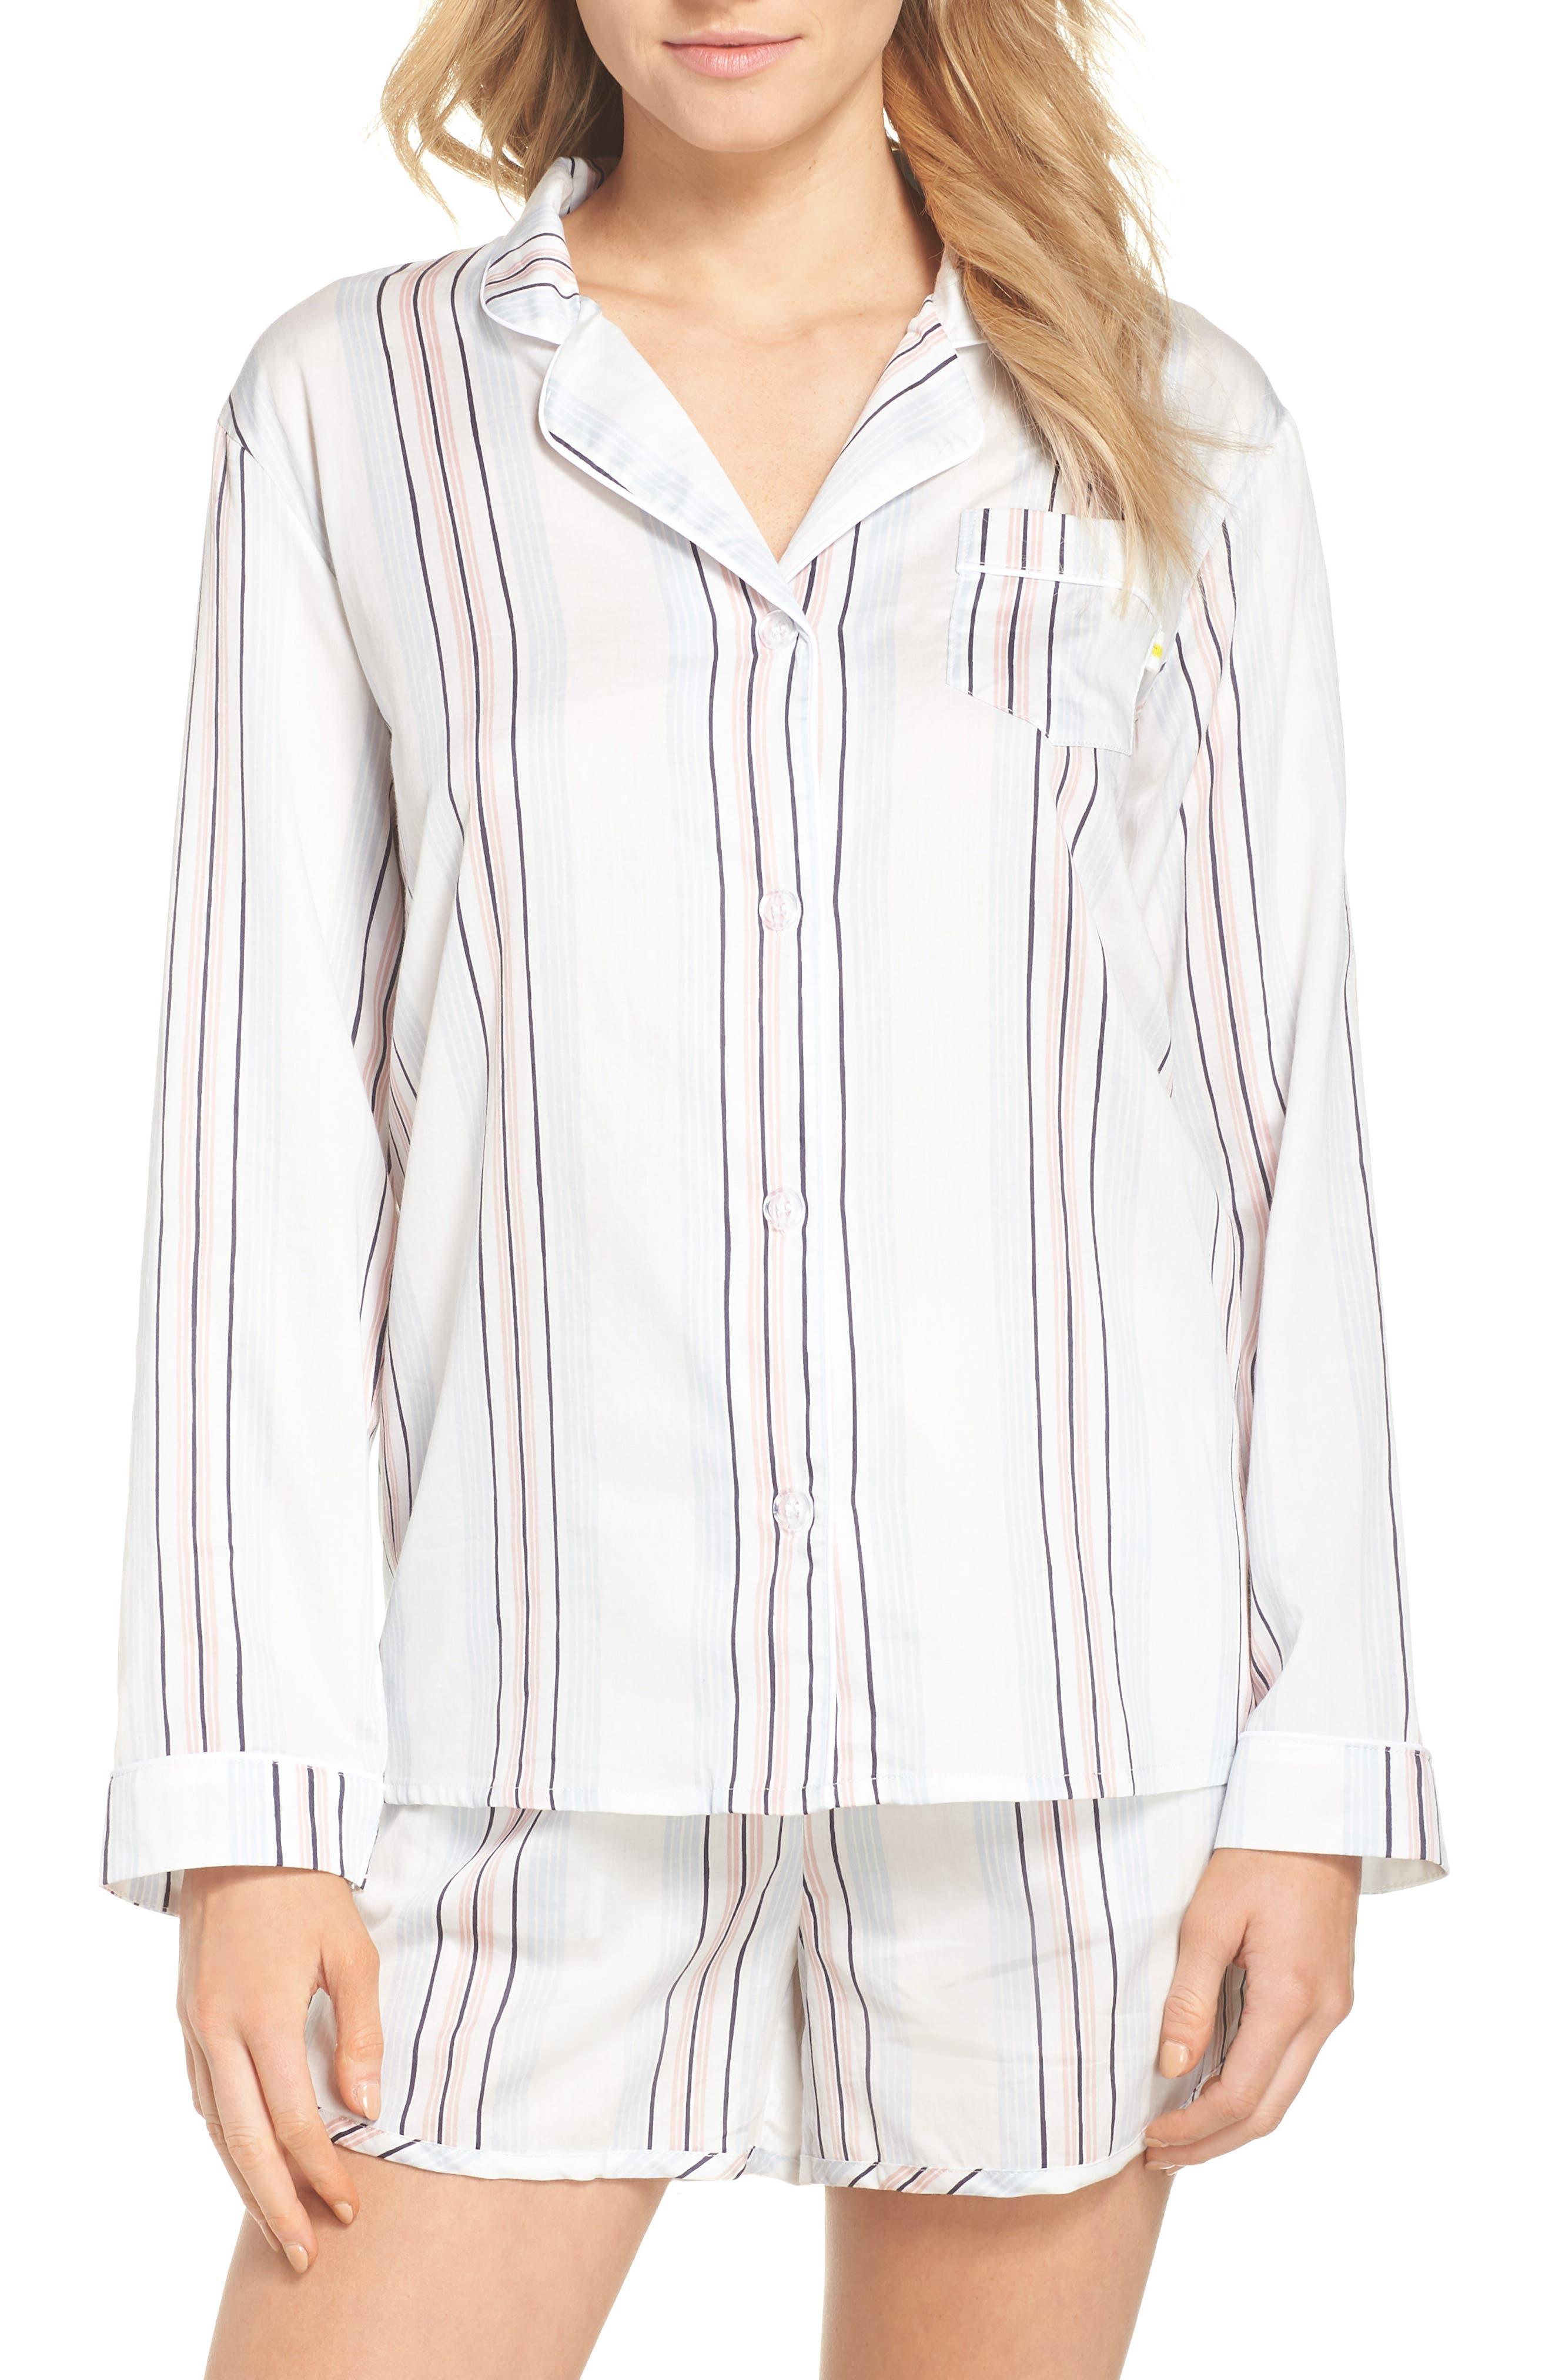 Candy Stripe Short Pajamas,                             Main thumbnail 1, color,                             110